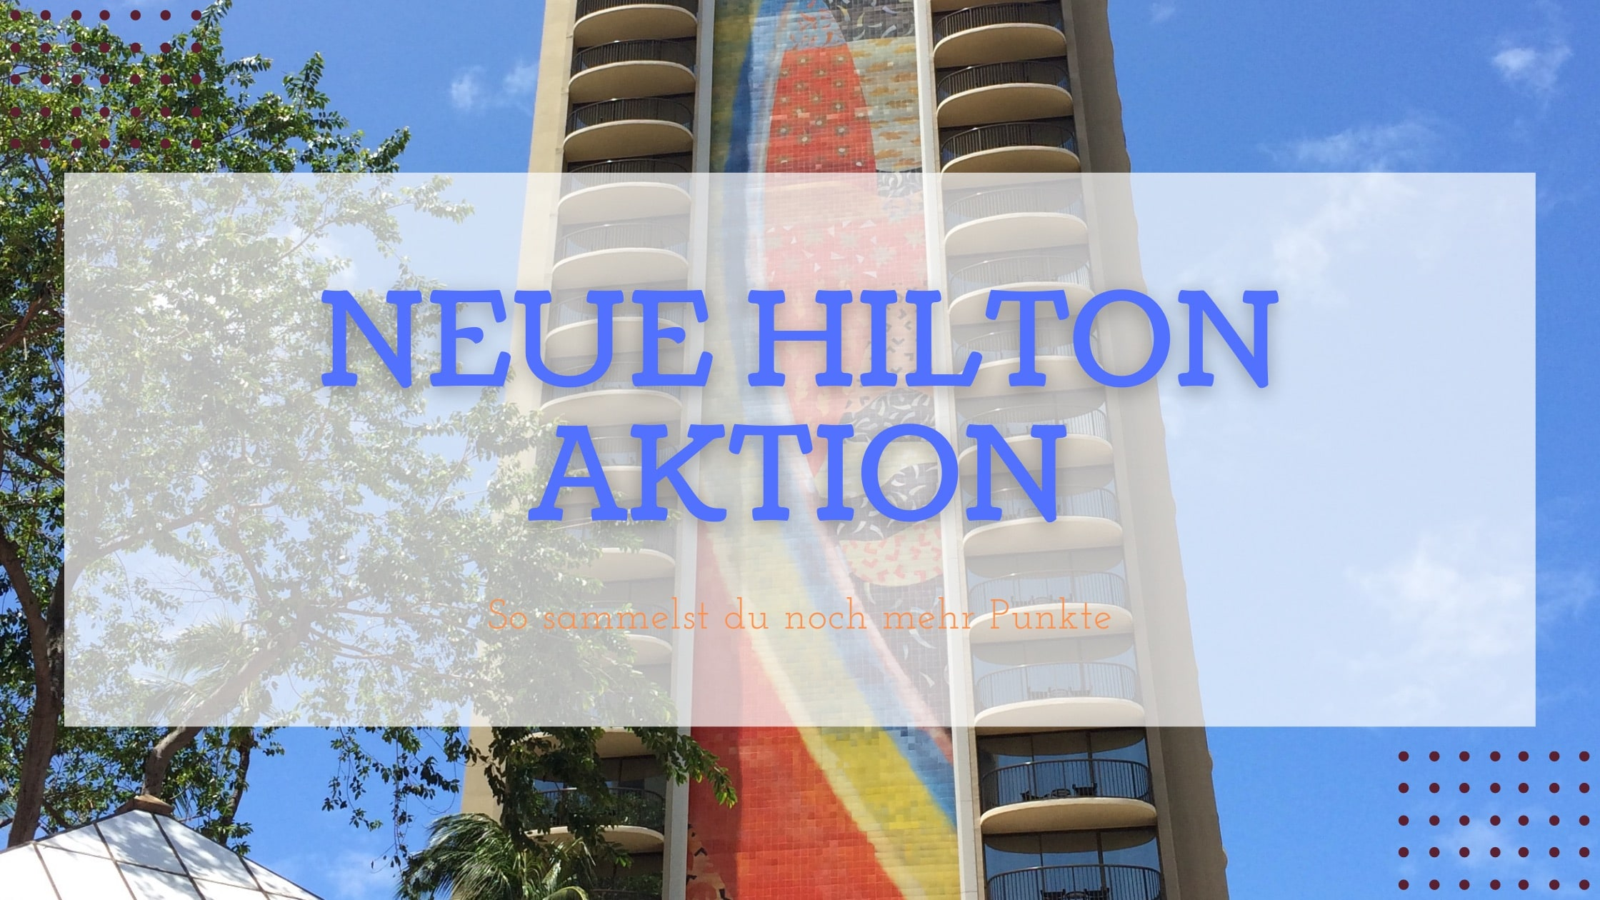 Aktion: Doppelte Punkte mit Hilton sammeln